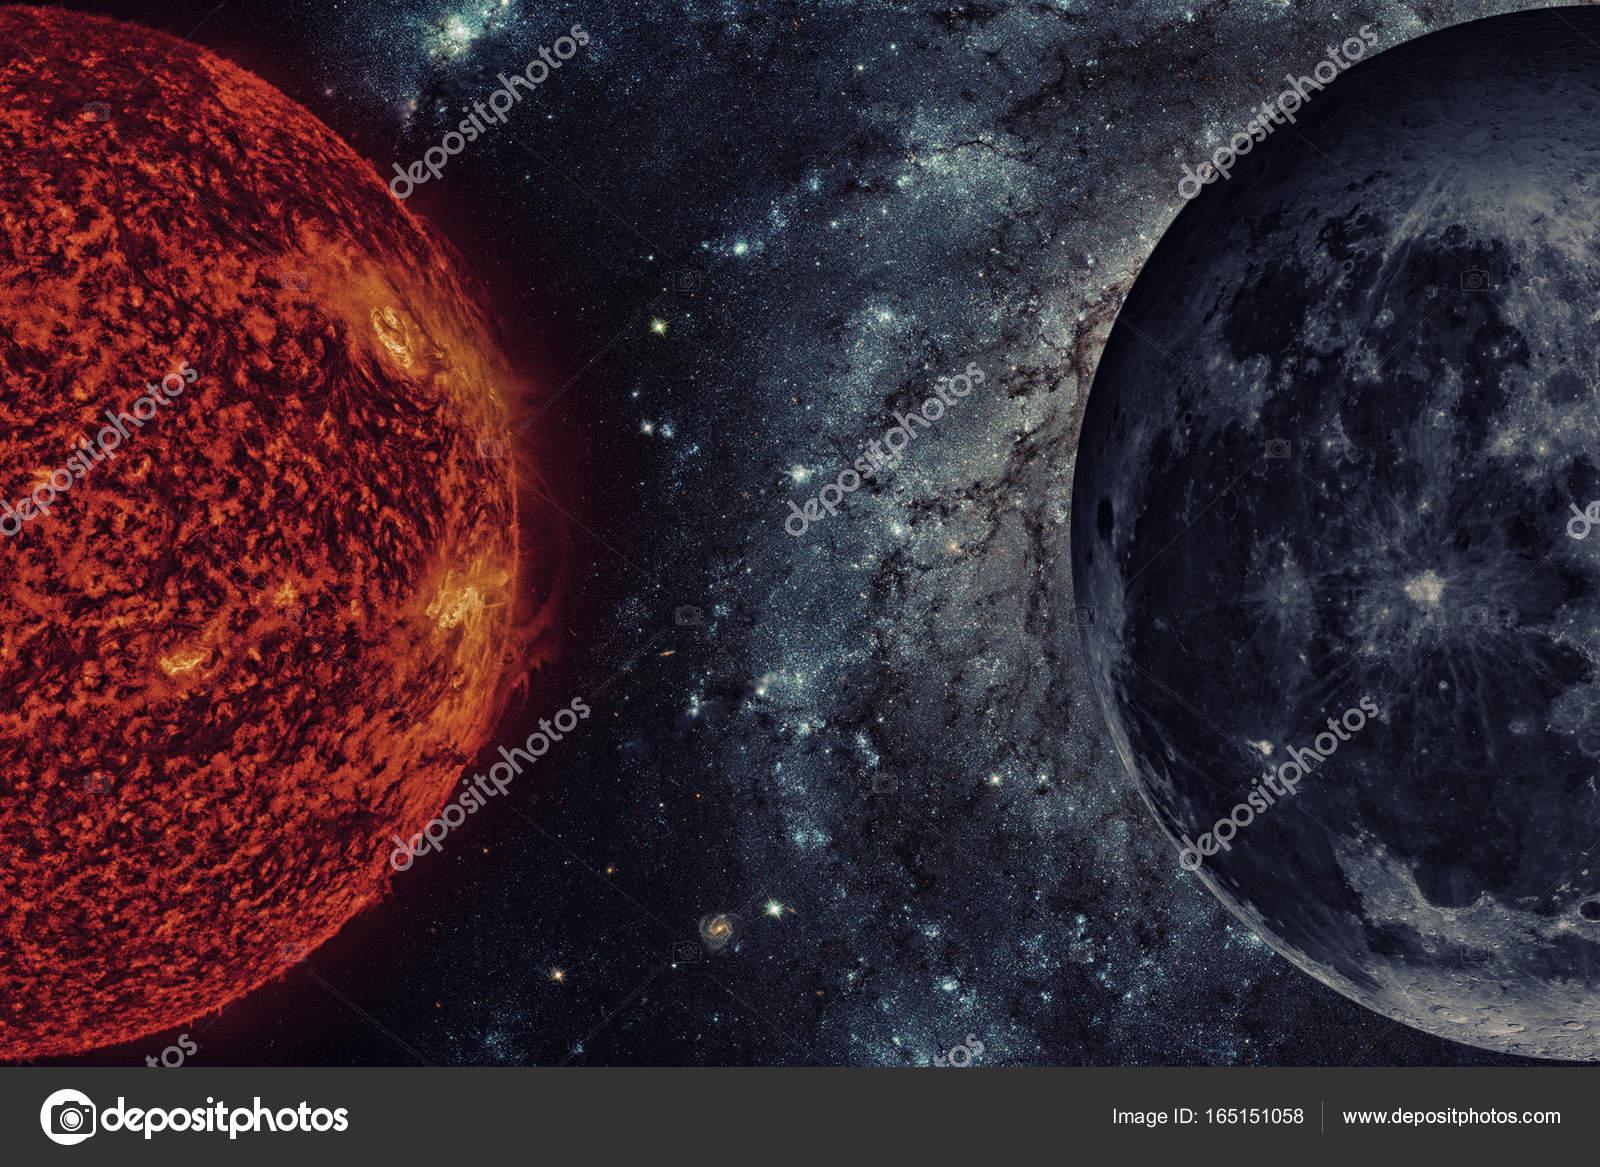 Solar system earths moon the moon is earths only natural solar system earths moon the moon is earths only natural satellite it is one of the largest natural satellites in the solar system publicscrutiny Choice Image